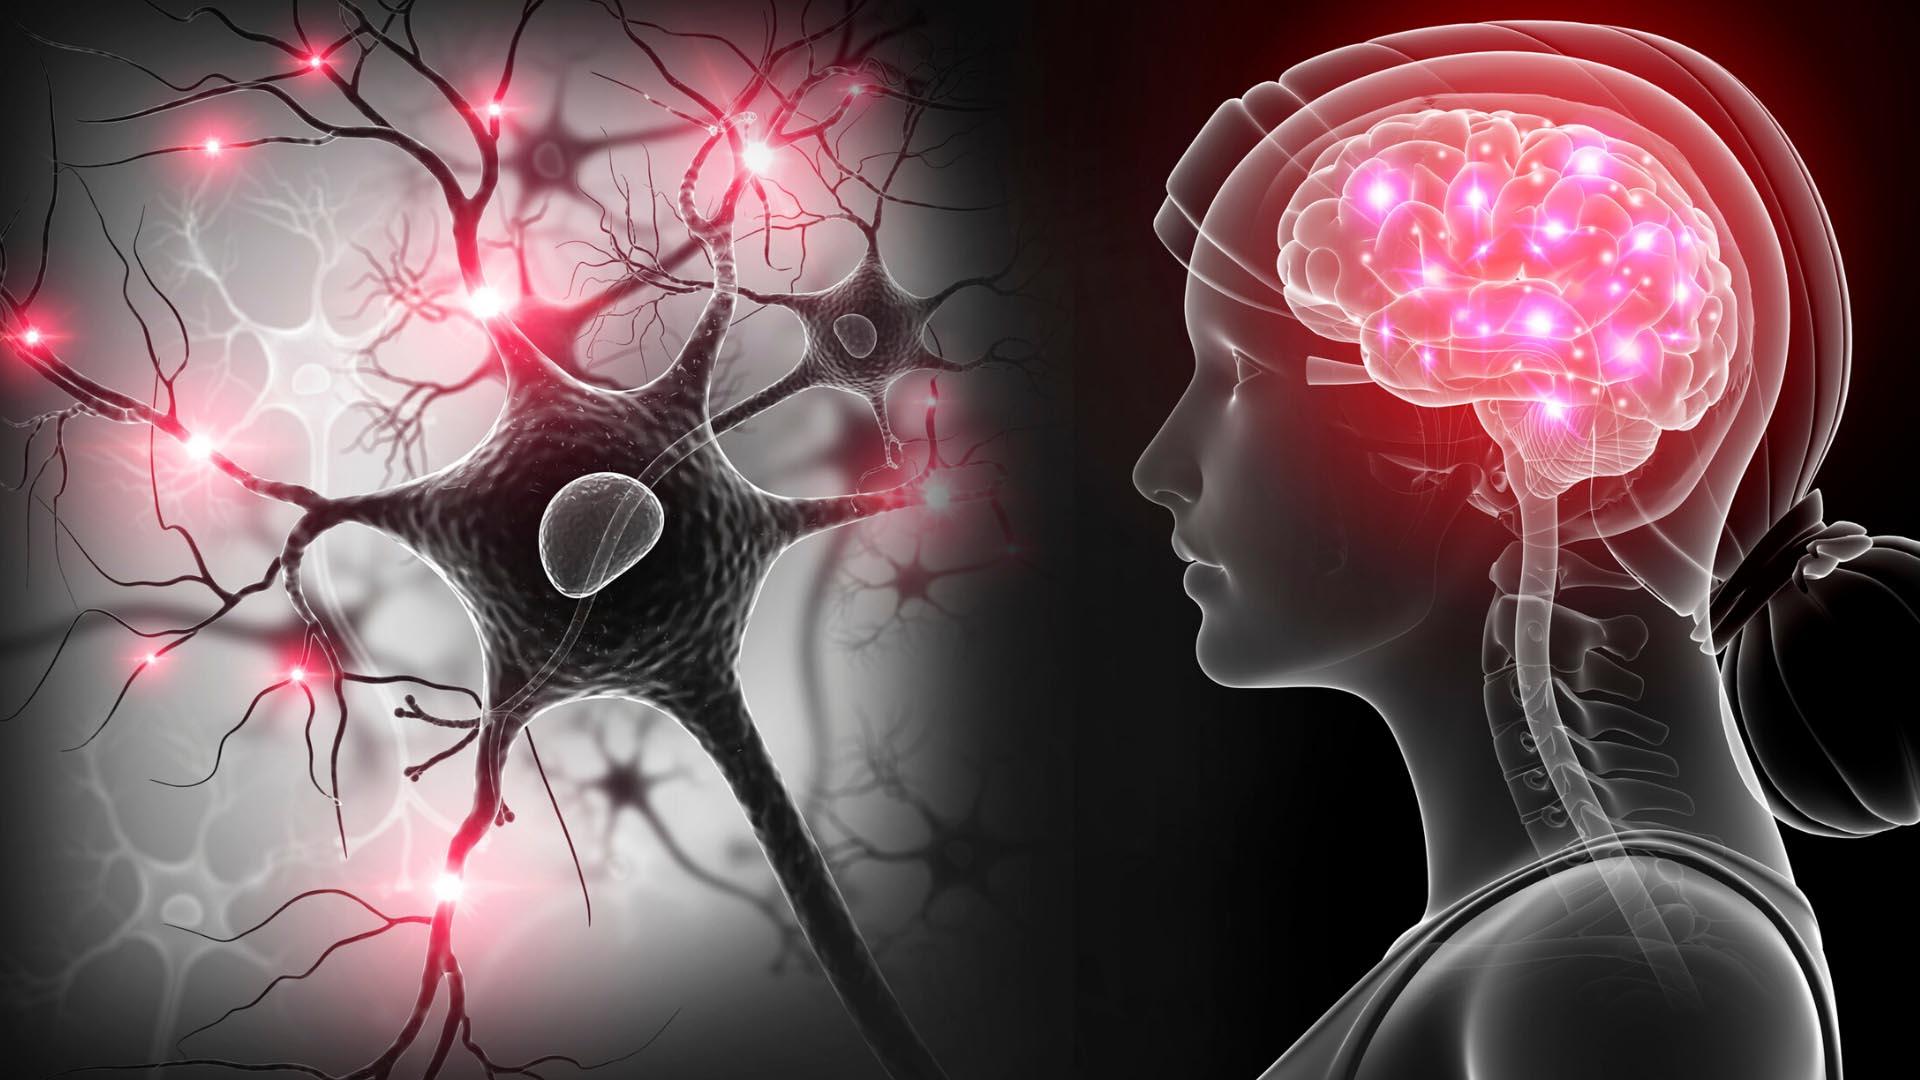 Esclerosis múltiple: síntomas y tratamiento